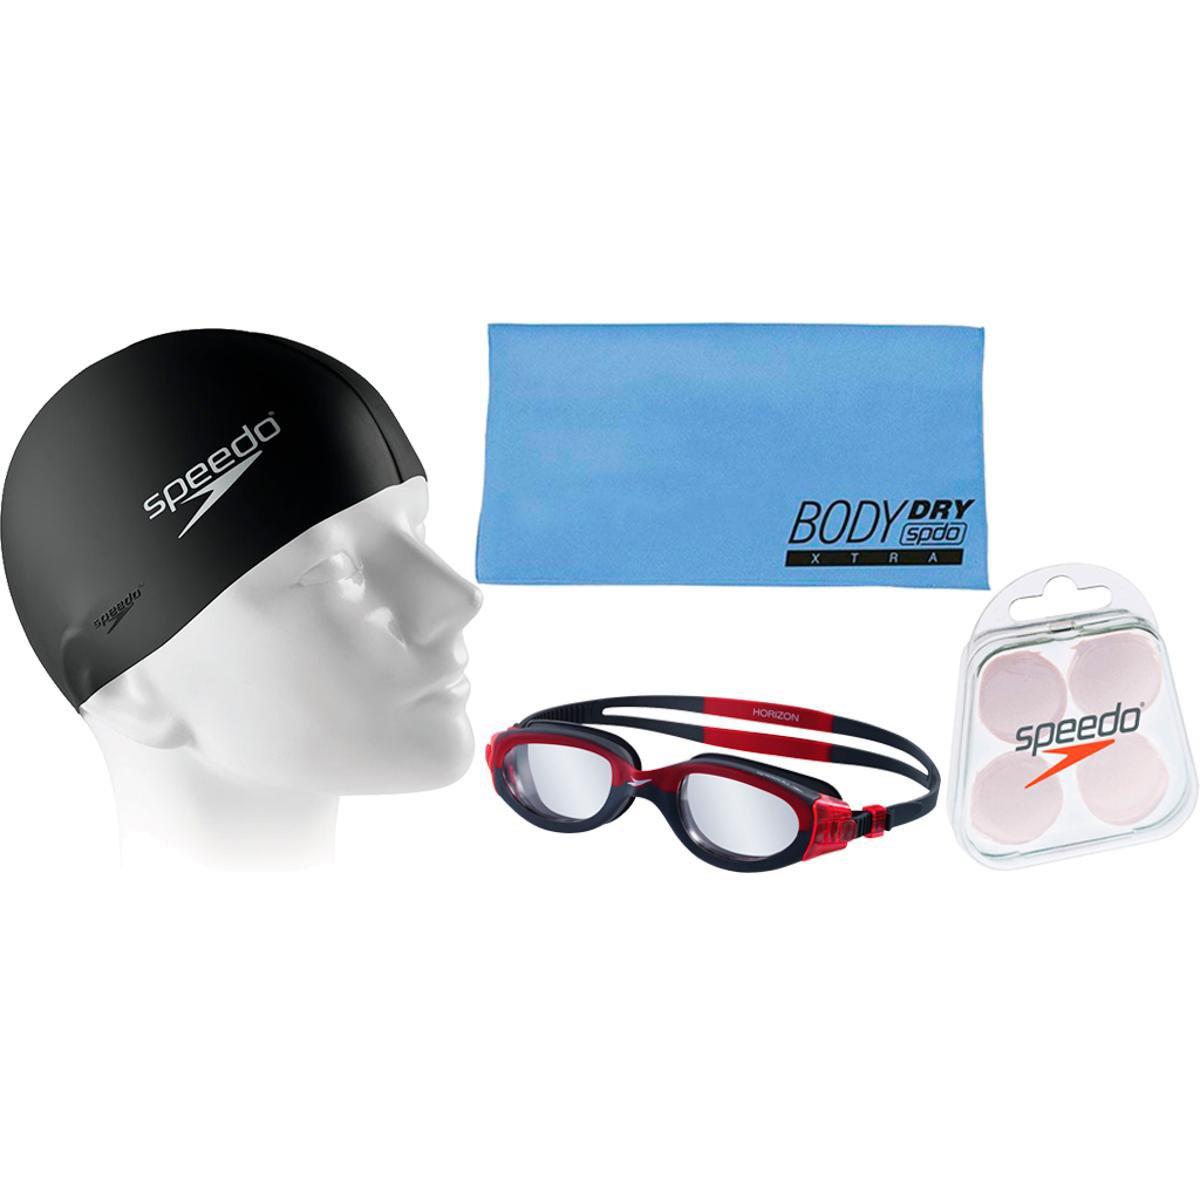 Kit Natação com Óculos Speedo Horizon + Toalha + Protetor + Touca - Compre  Agora  d218b27bd610b